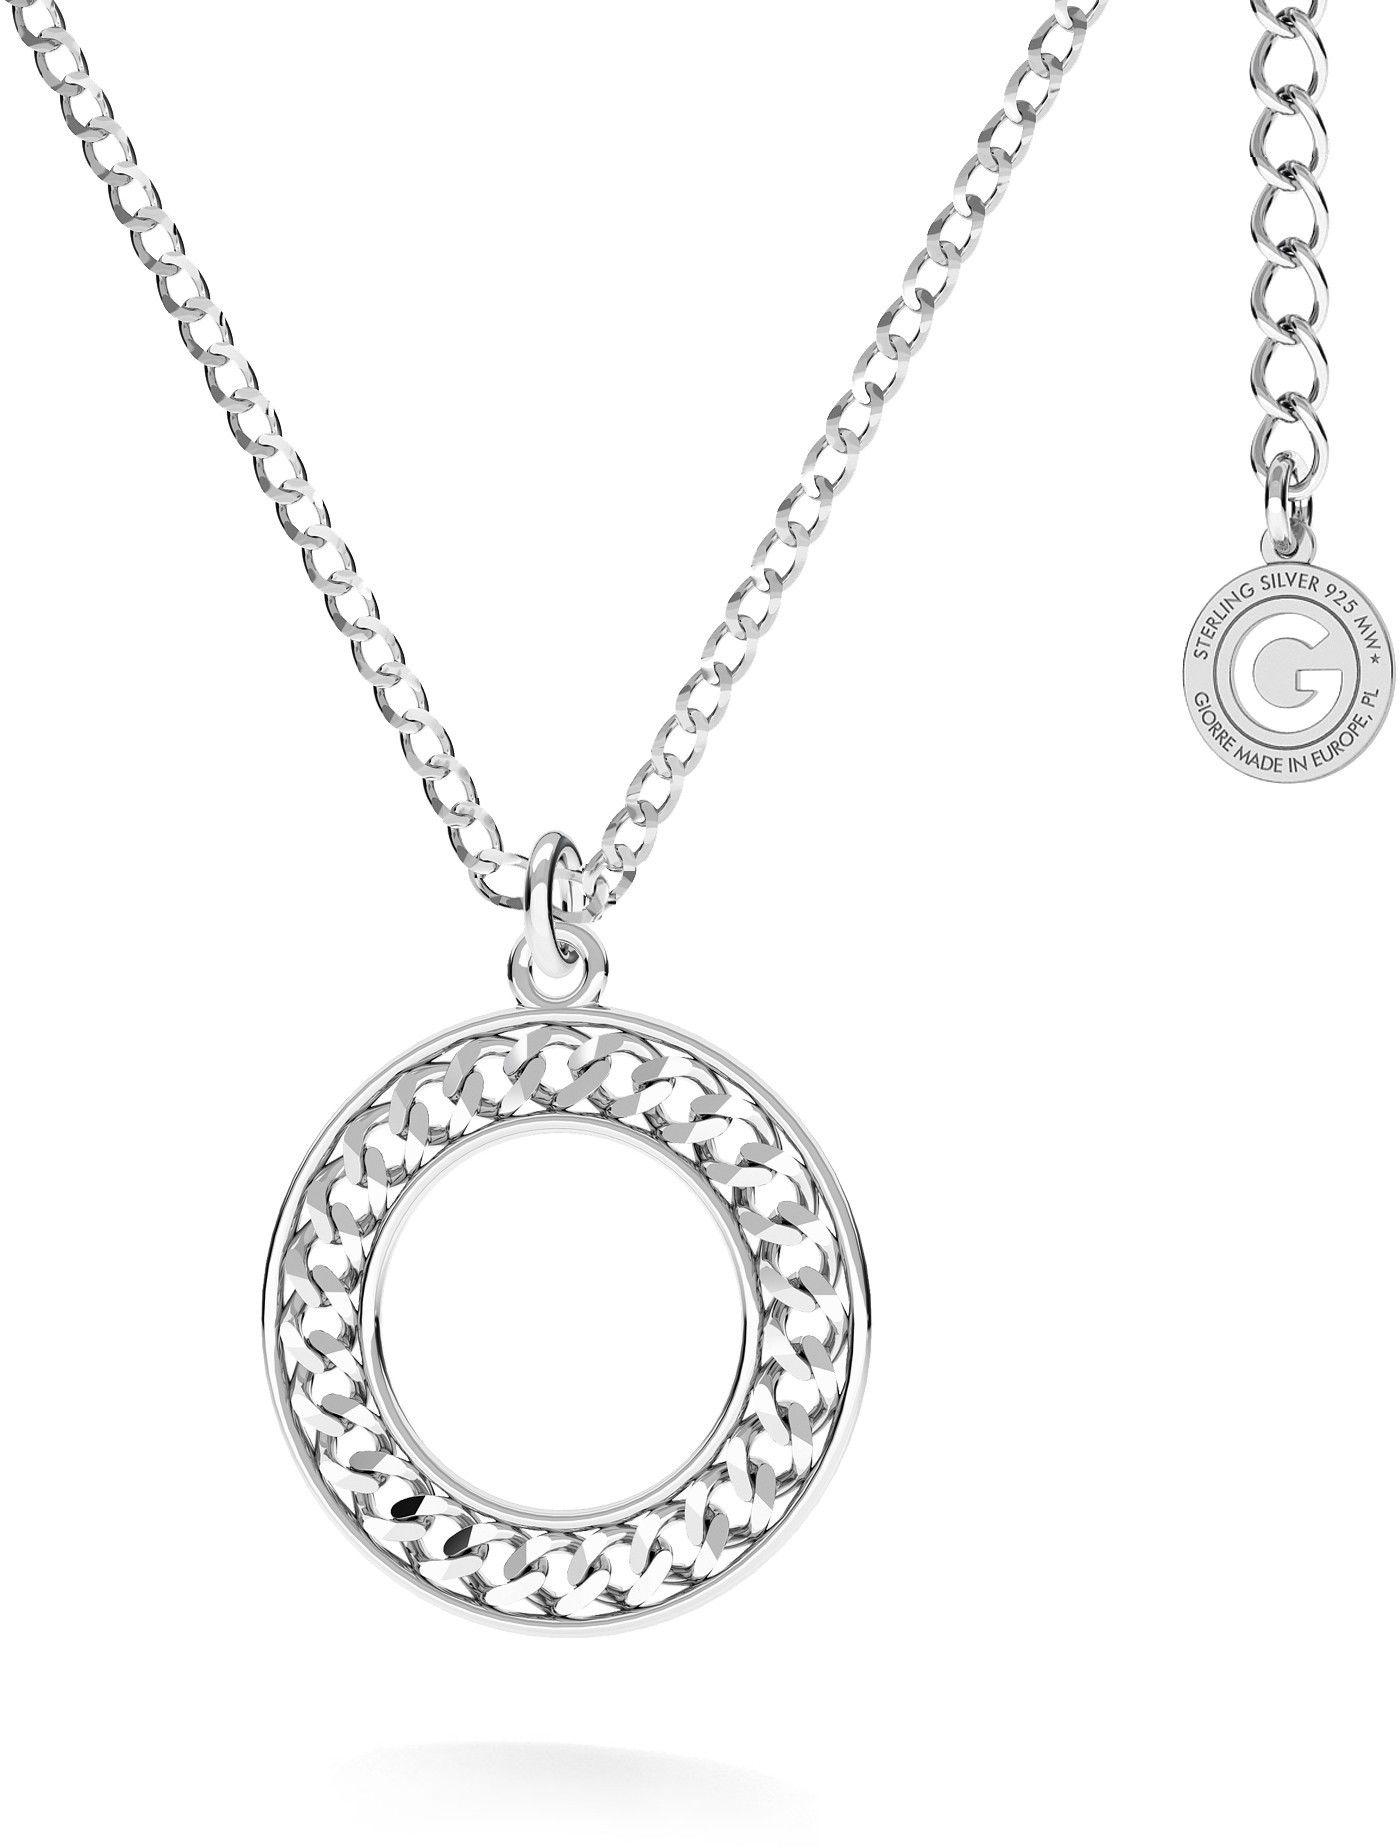 Srebrny naszyjnik z okrągłą zawieszką pancerka, AG 925 : Długość (cm) - 45 + 5, Srebro - kolor pokrycia - Pokrycie platyną